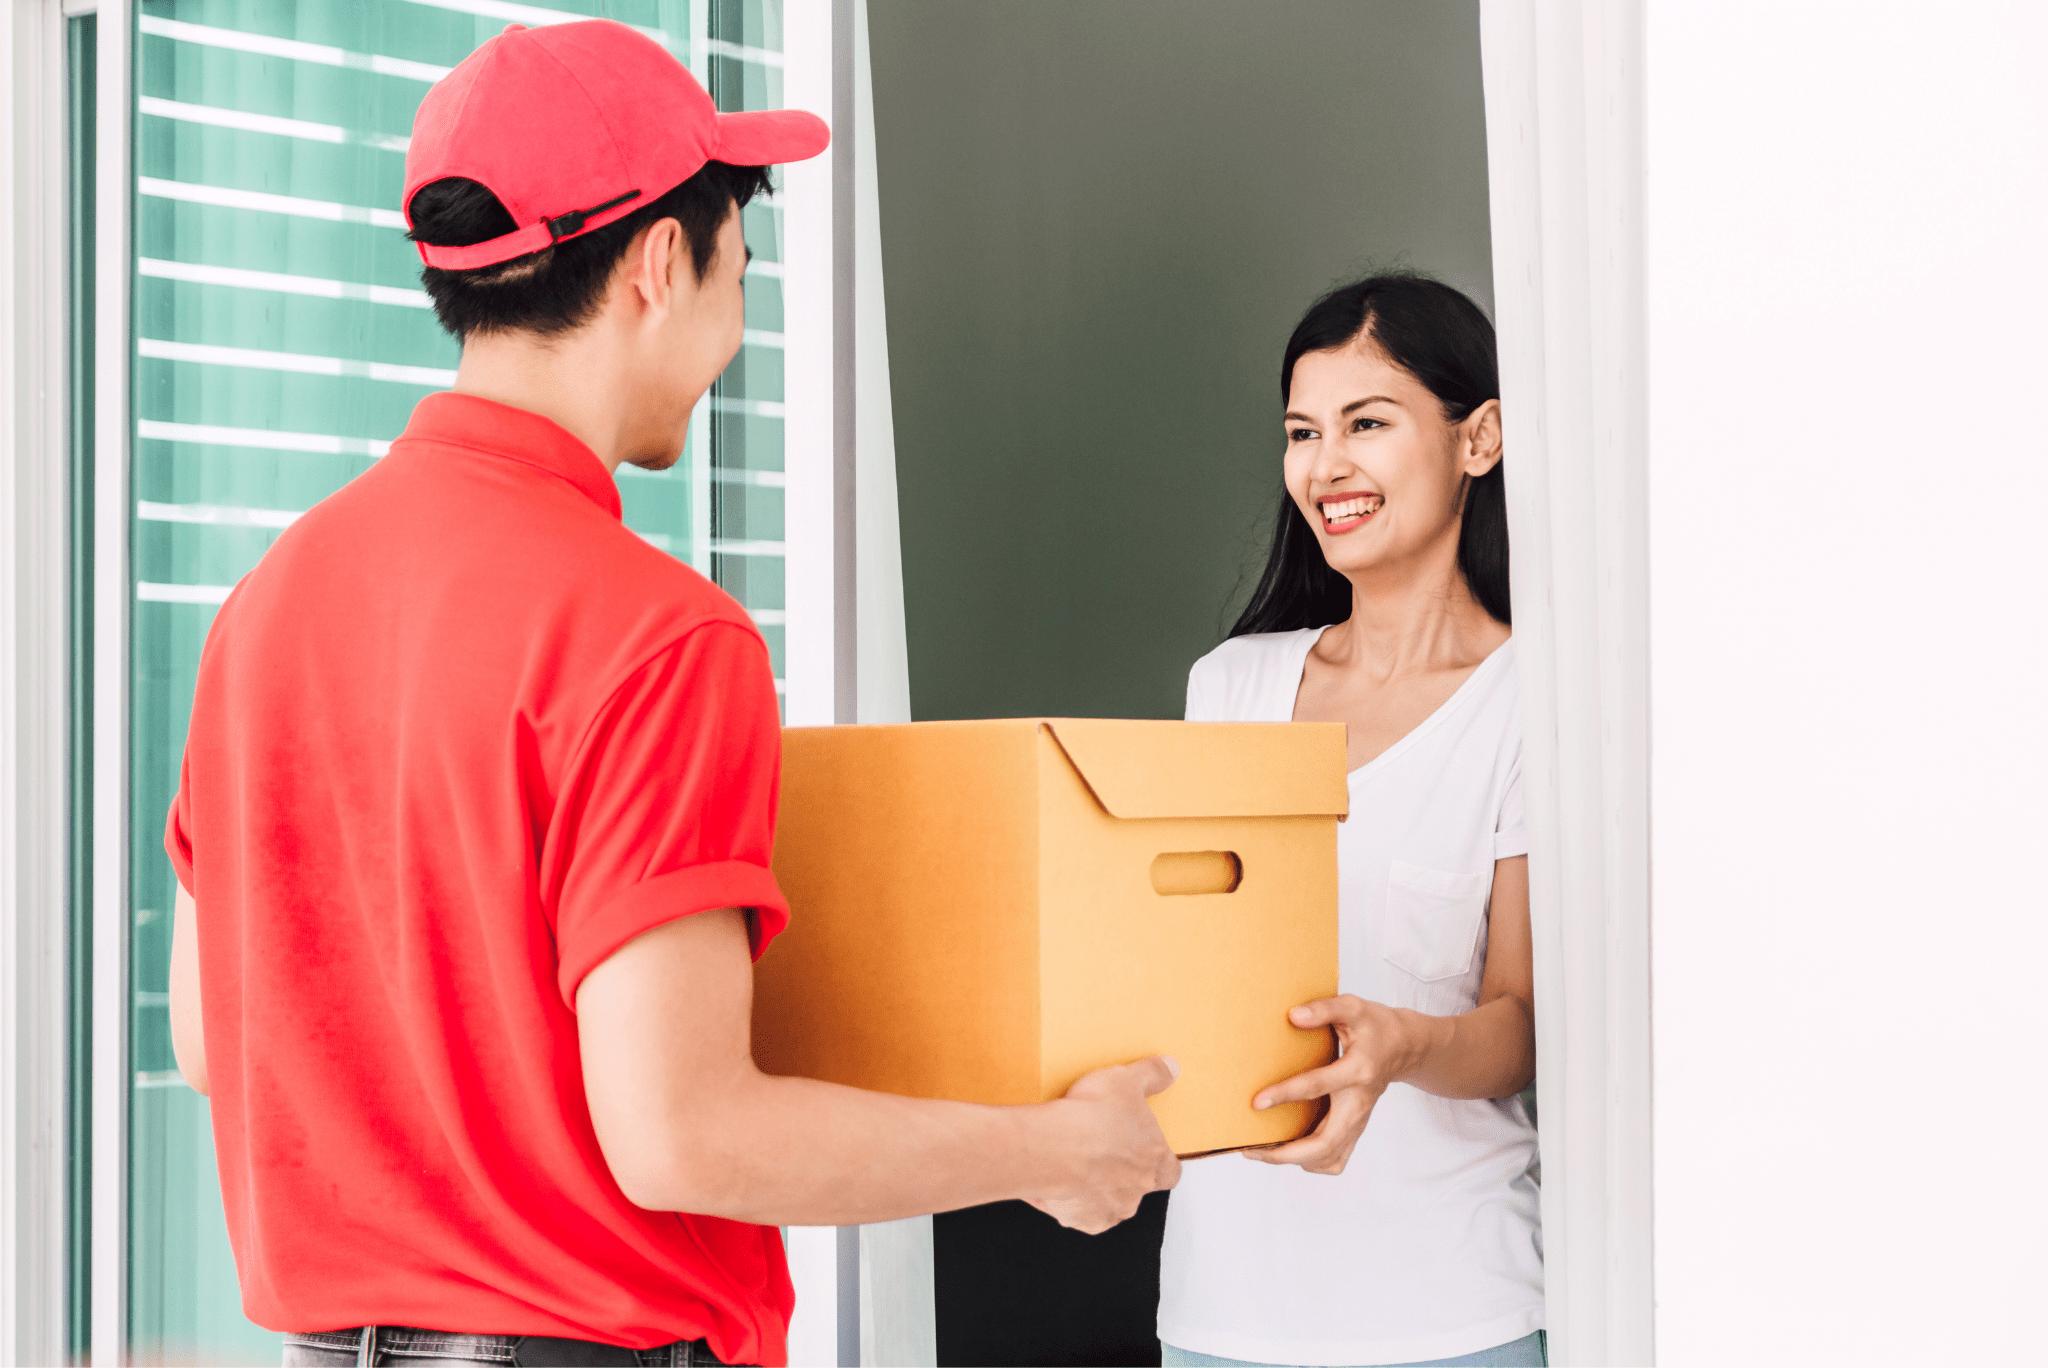 Kirim Paket ke Amerika Lebih Mudah dan Praktis Dengan Menggunakan Jasa Pengiriman Paket Online